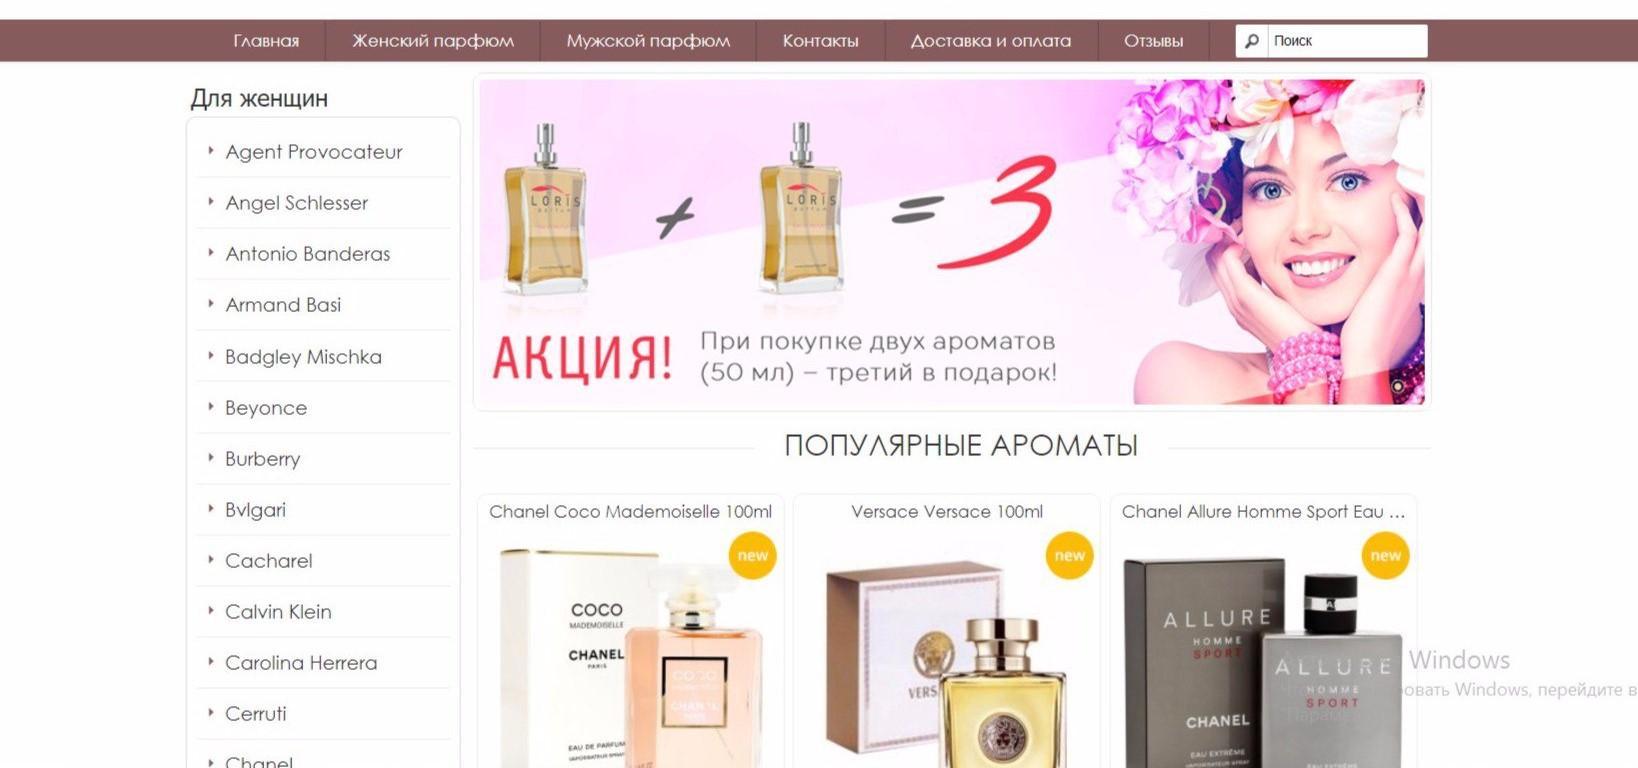 Готовый интернет-магазин парфюмерии